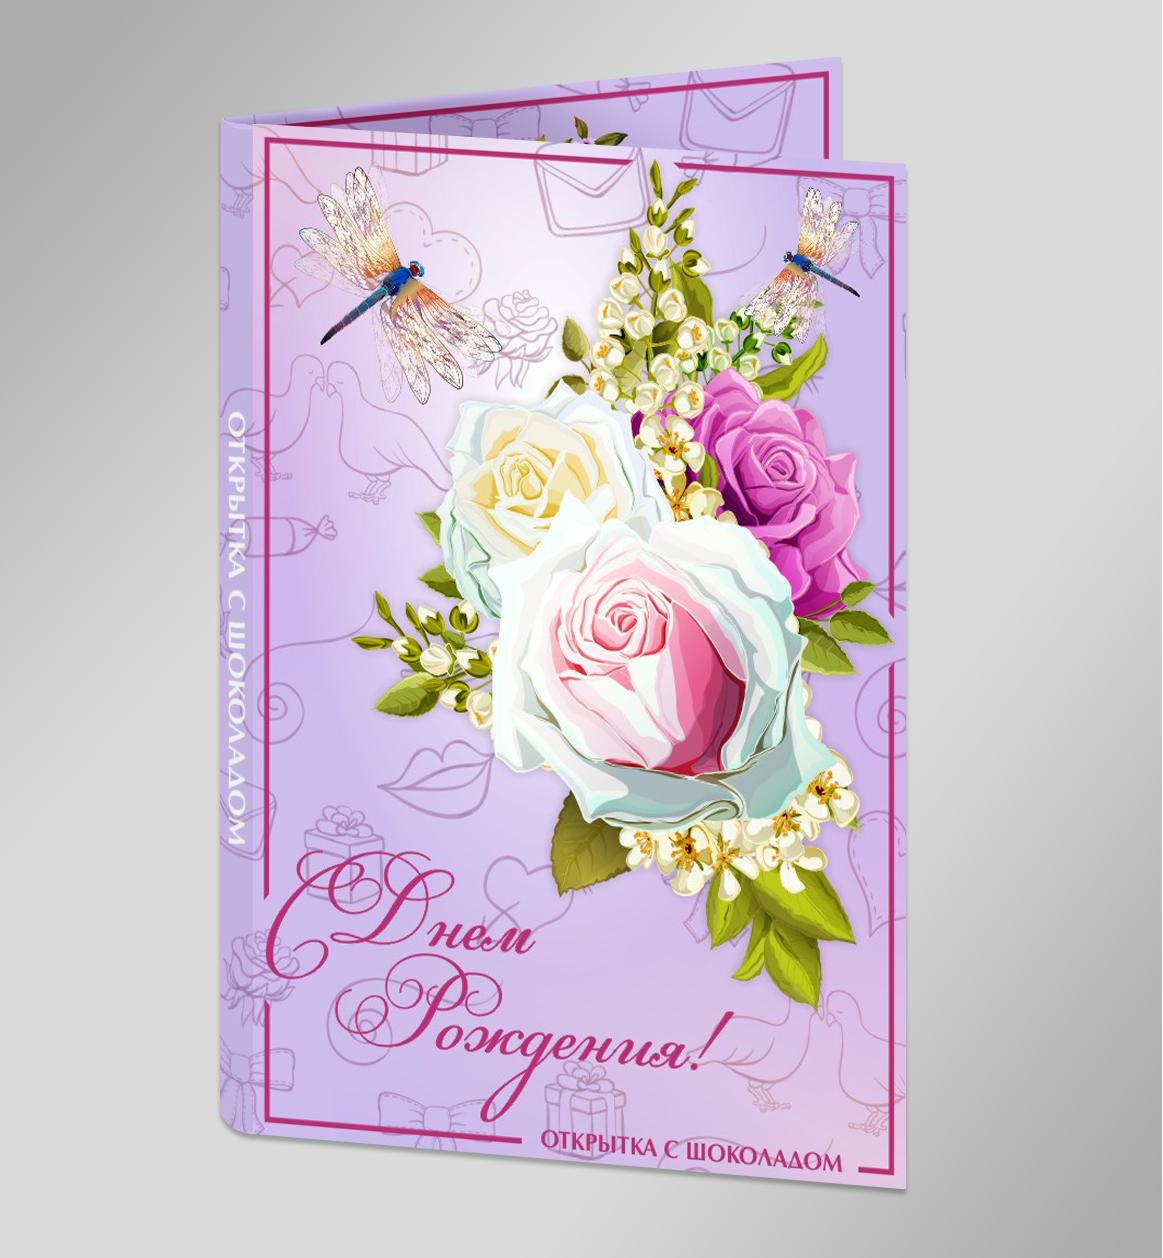 Справка открытках, открытки любимой крестницы